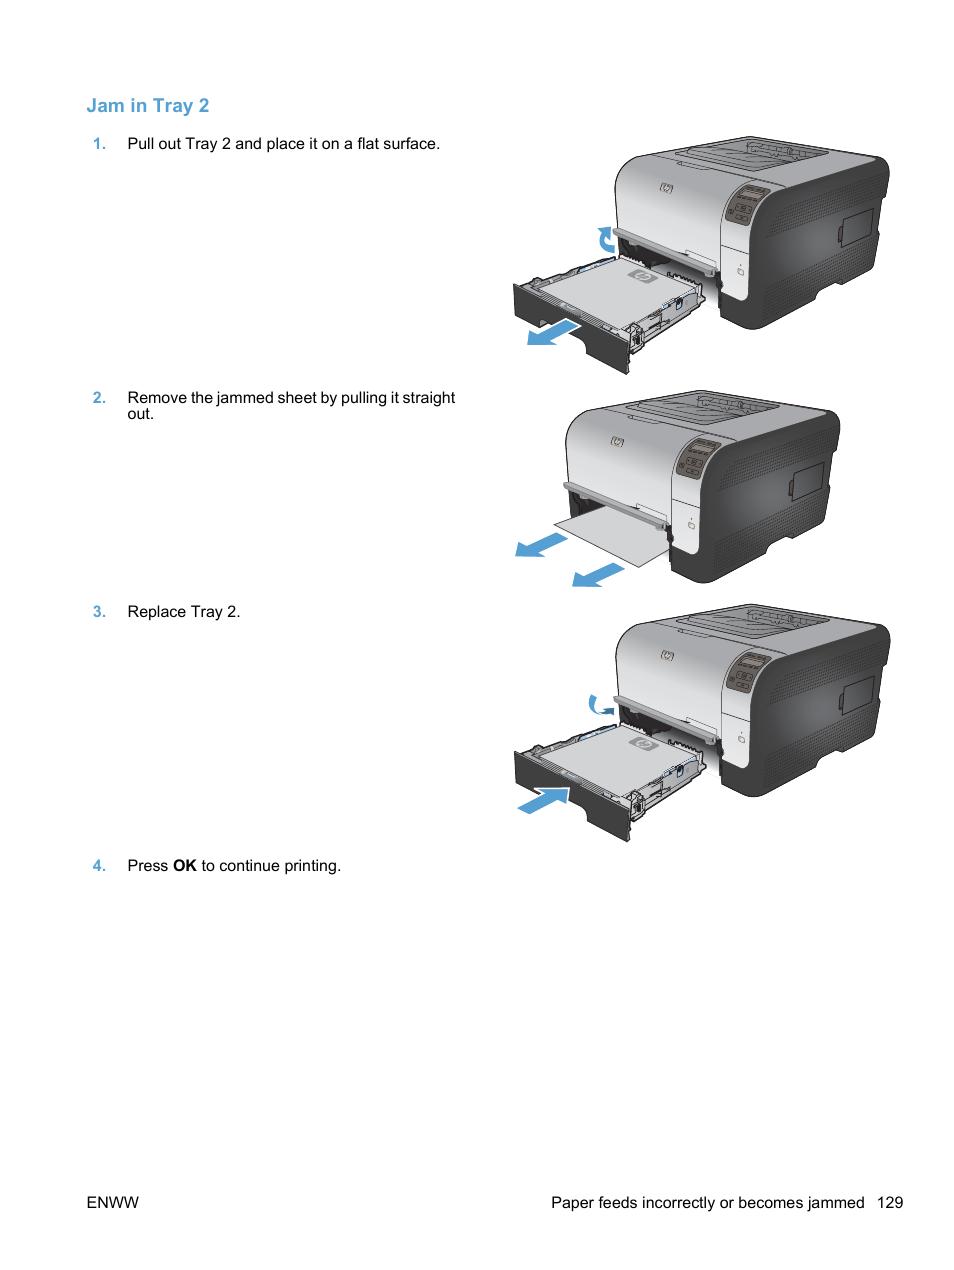 Jam in tray 2 | HP LaserJet Pro CP1525nw Color Printer User